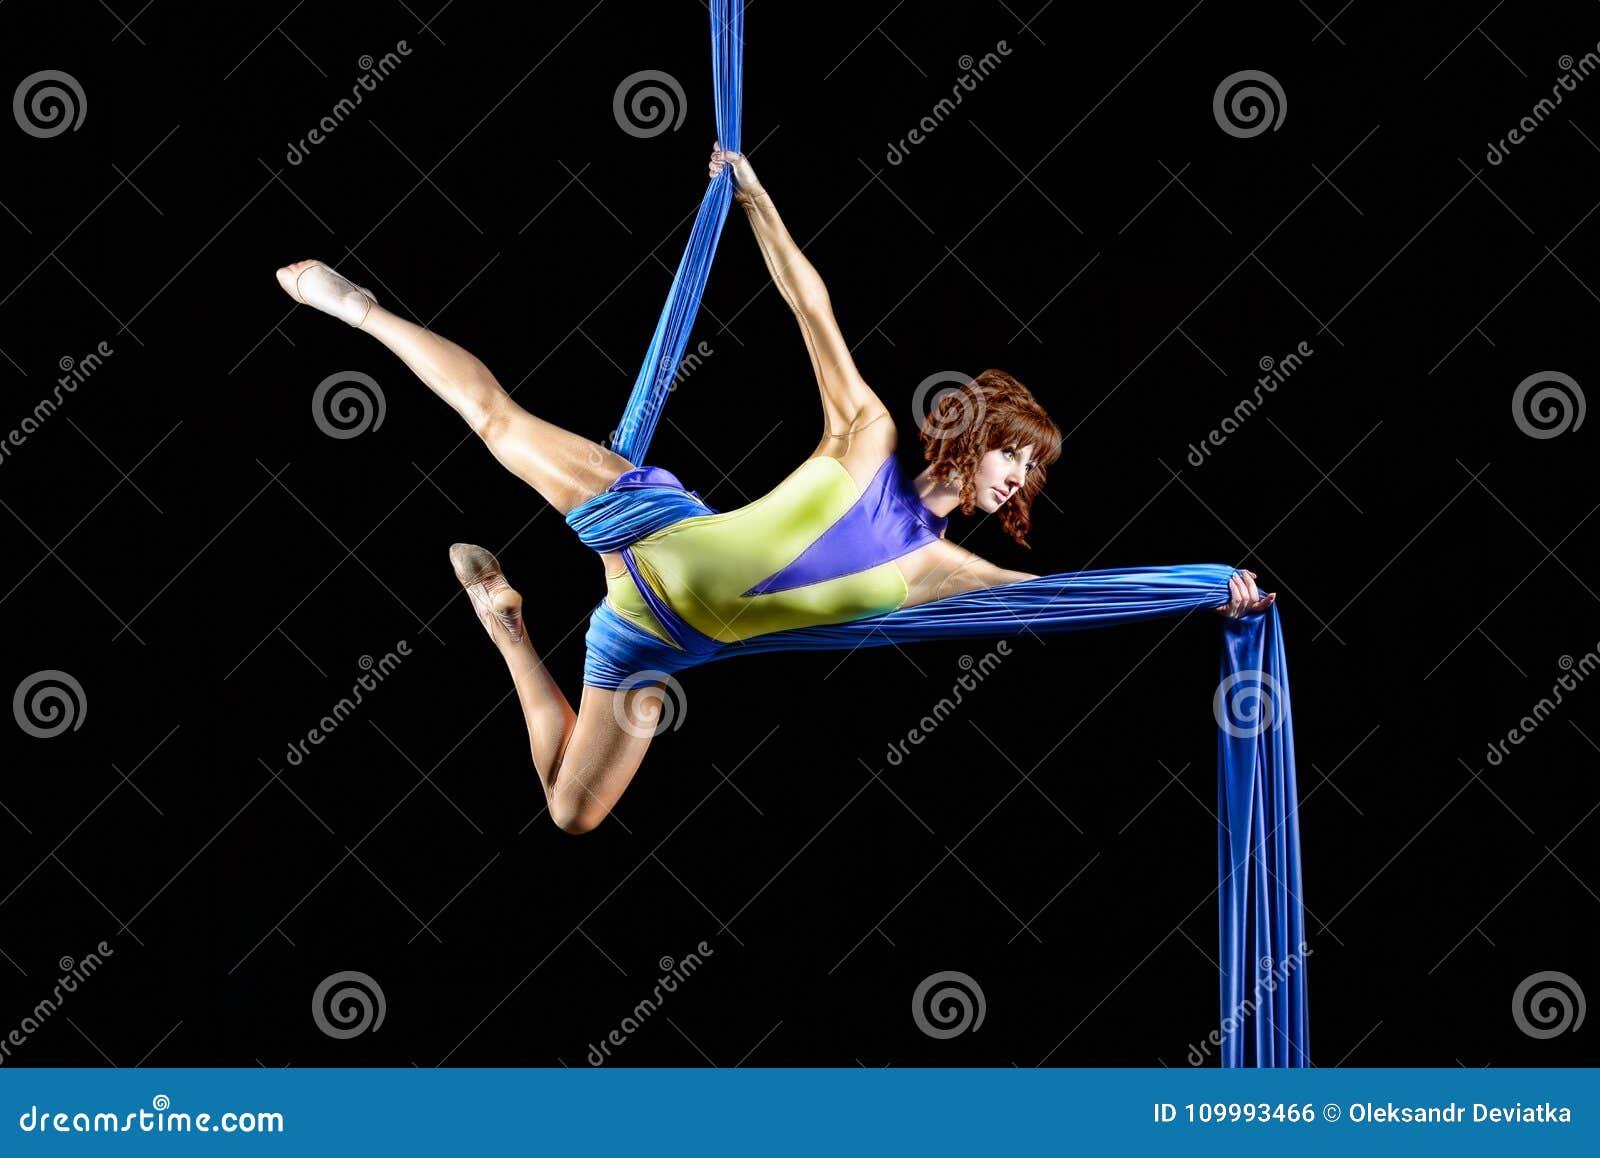 Schöne Junge, Berufsluftzirkuskünstler der athletischen sexy Frau mit Rothaarigen im gelben Kostüm, das Diagonale in der Luft auf